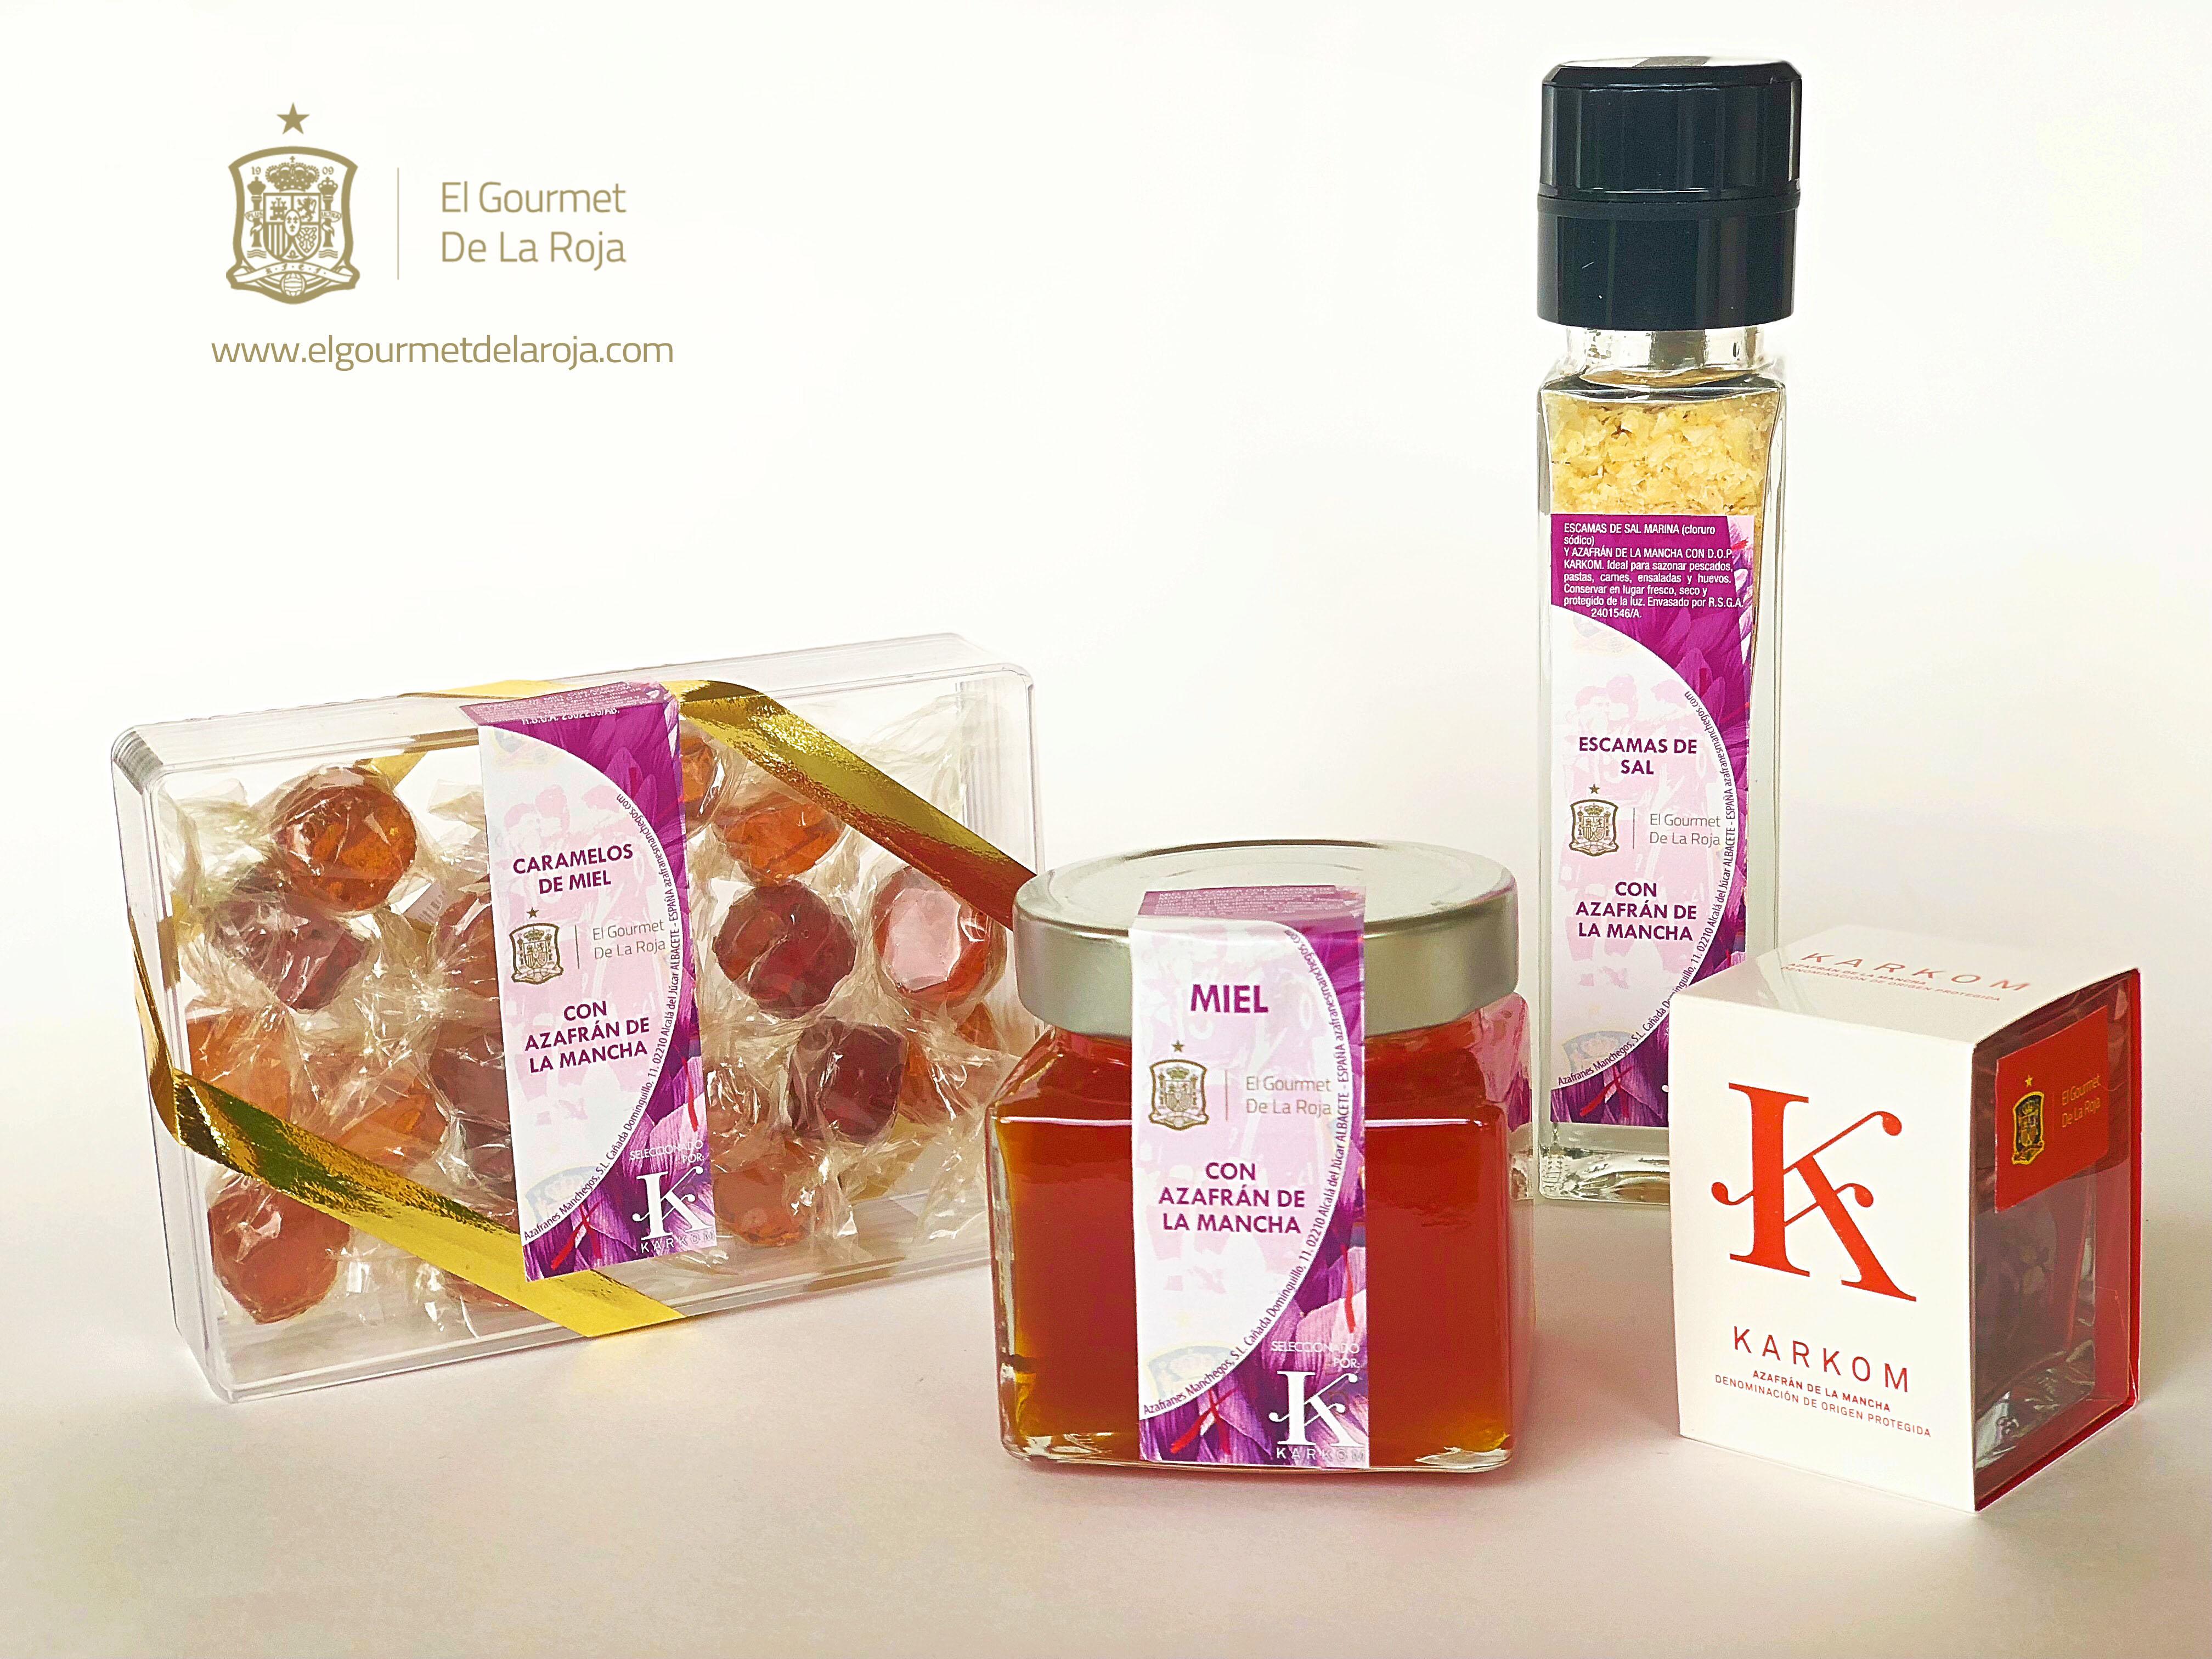 productos karkom